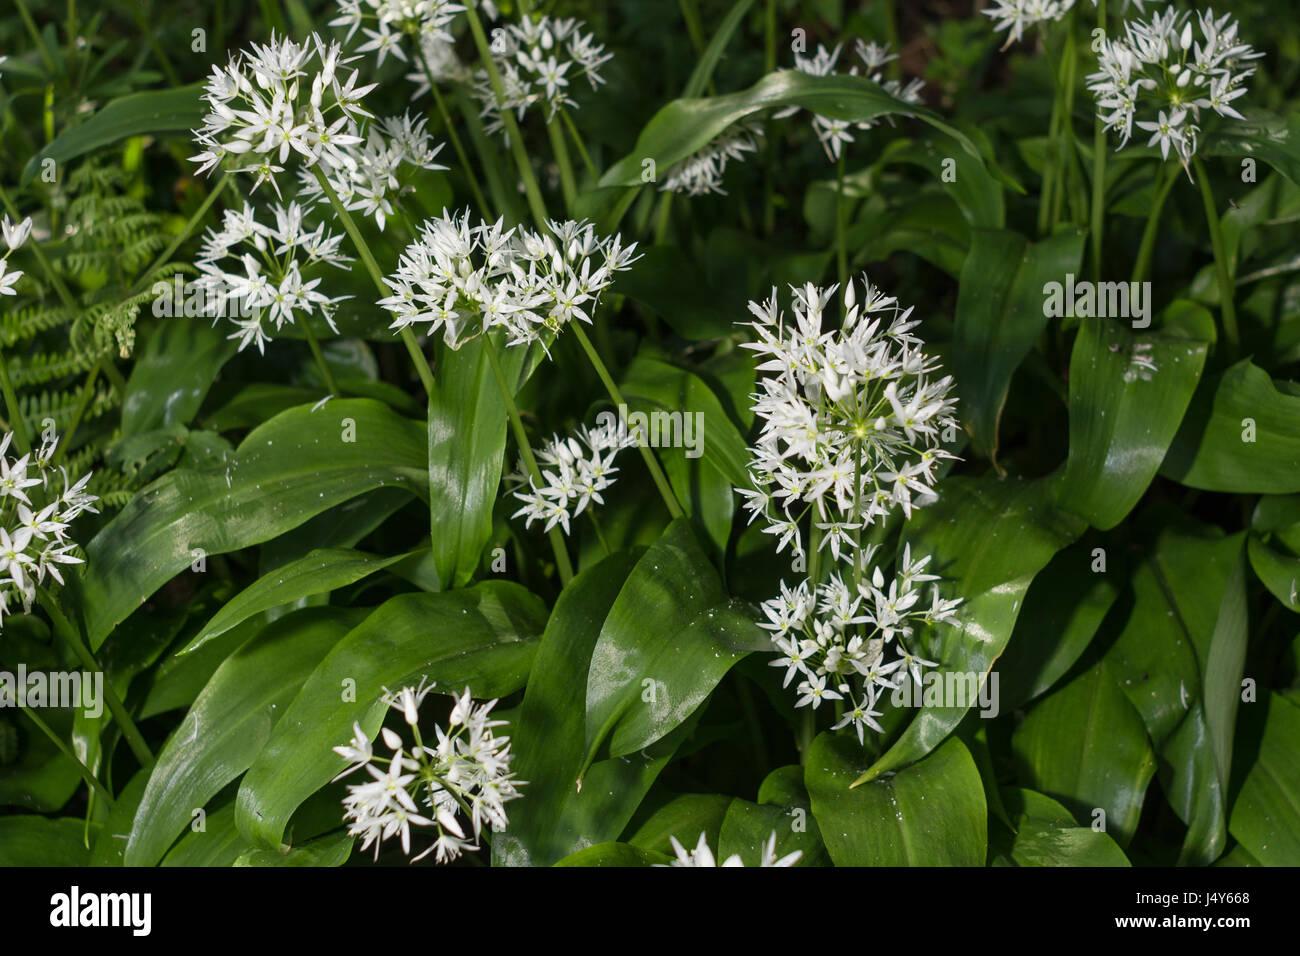 Fiori Bianchi Spontanei Primaverili.Fiori Bianchi Dell Aglio Selvatico Chiamato Ramsons Allium